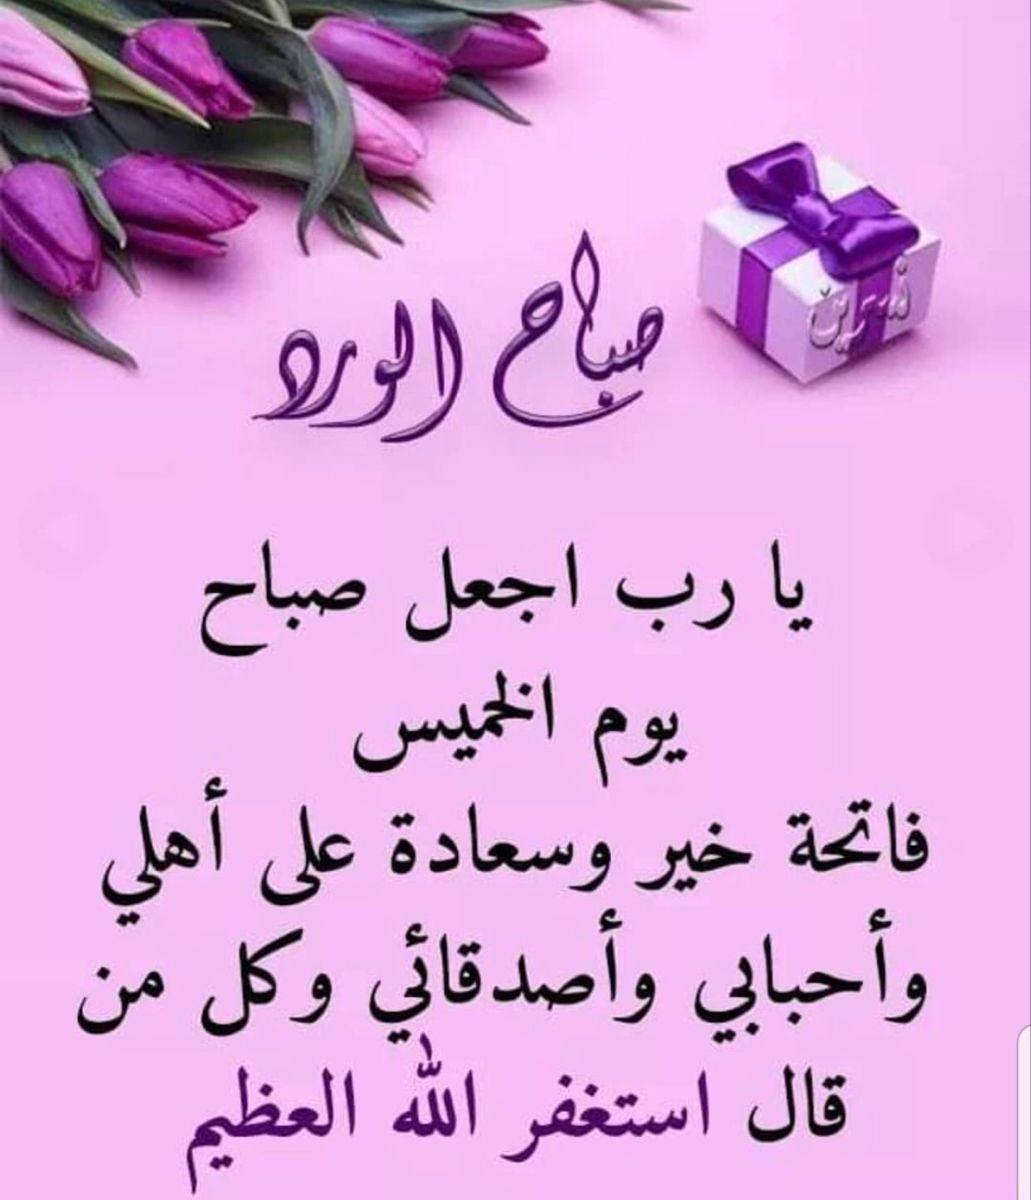 Pin By Ummohamed On اسماء الله الحسنى Morning Thursday Good Morning